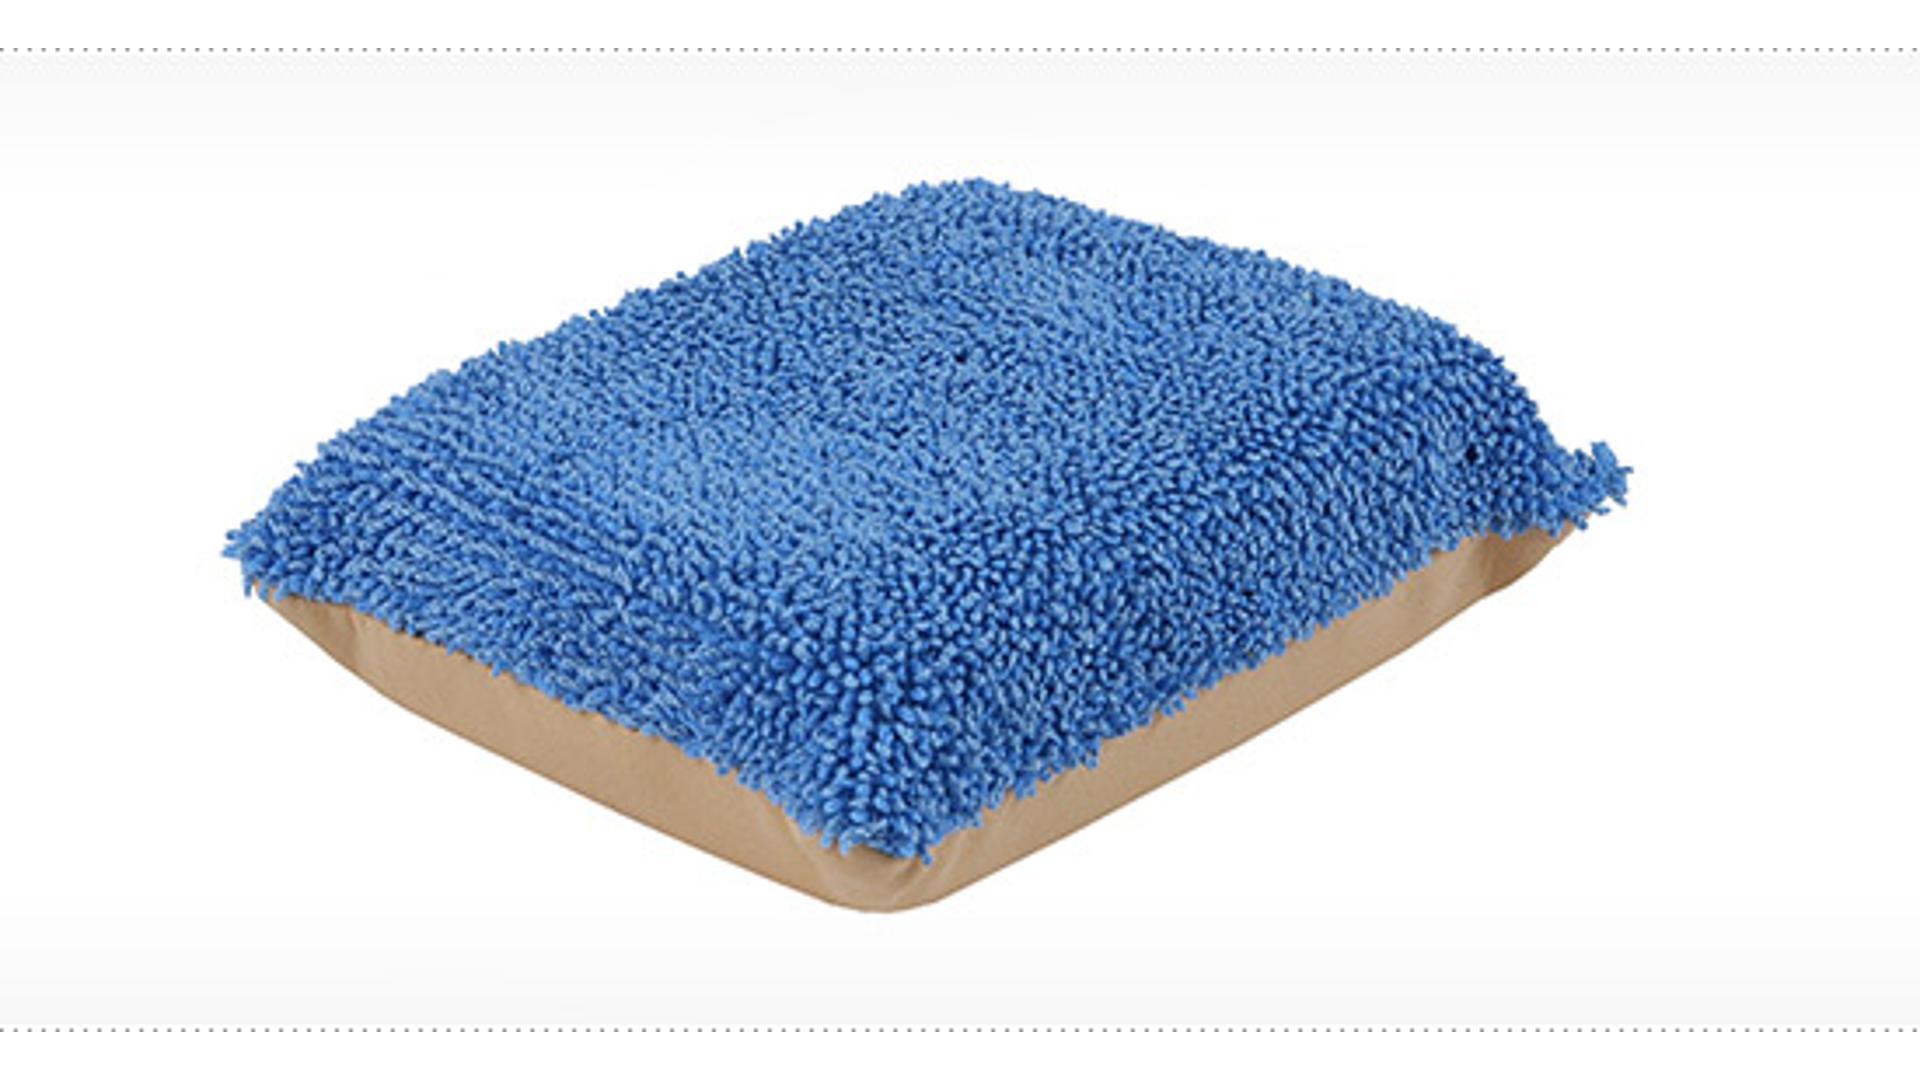 Hubka na leštenie povrchov mikrofiber 15x10x5,5cm